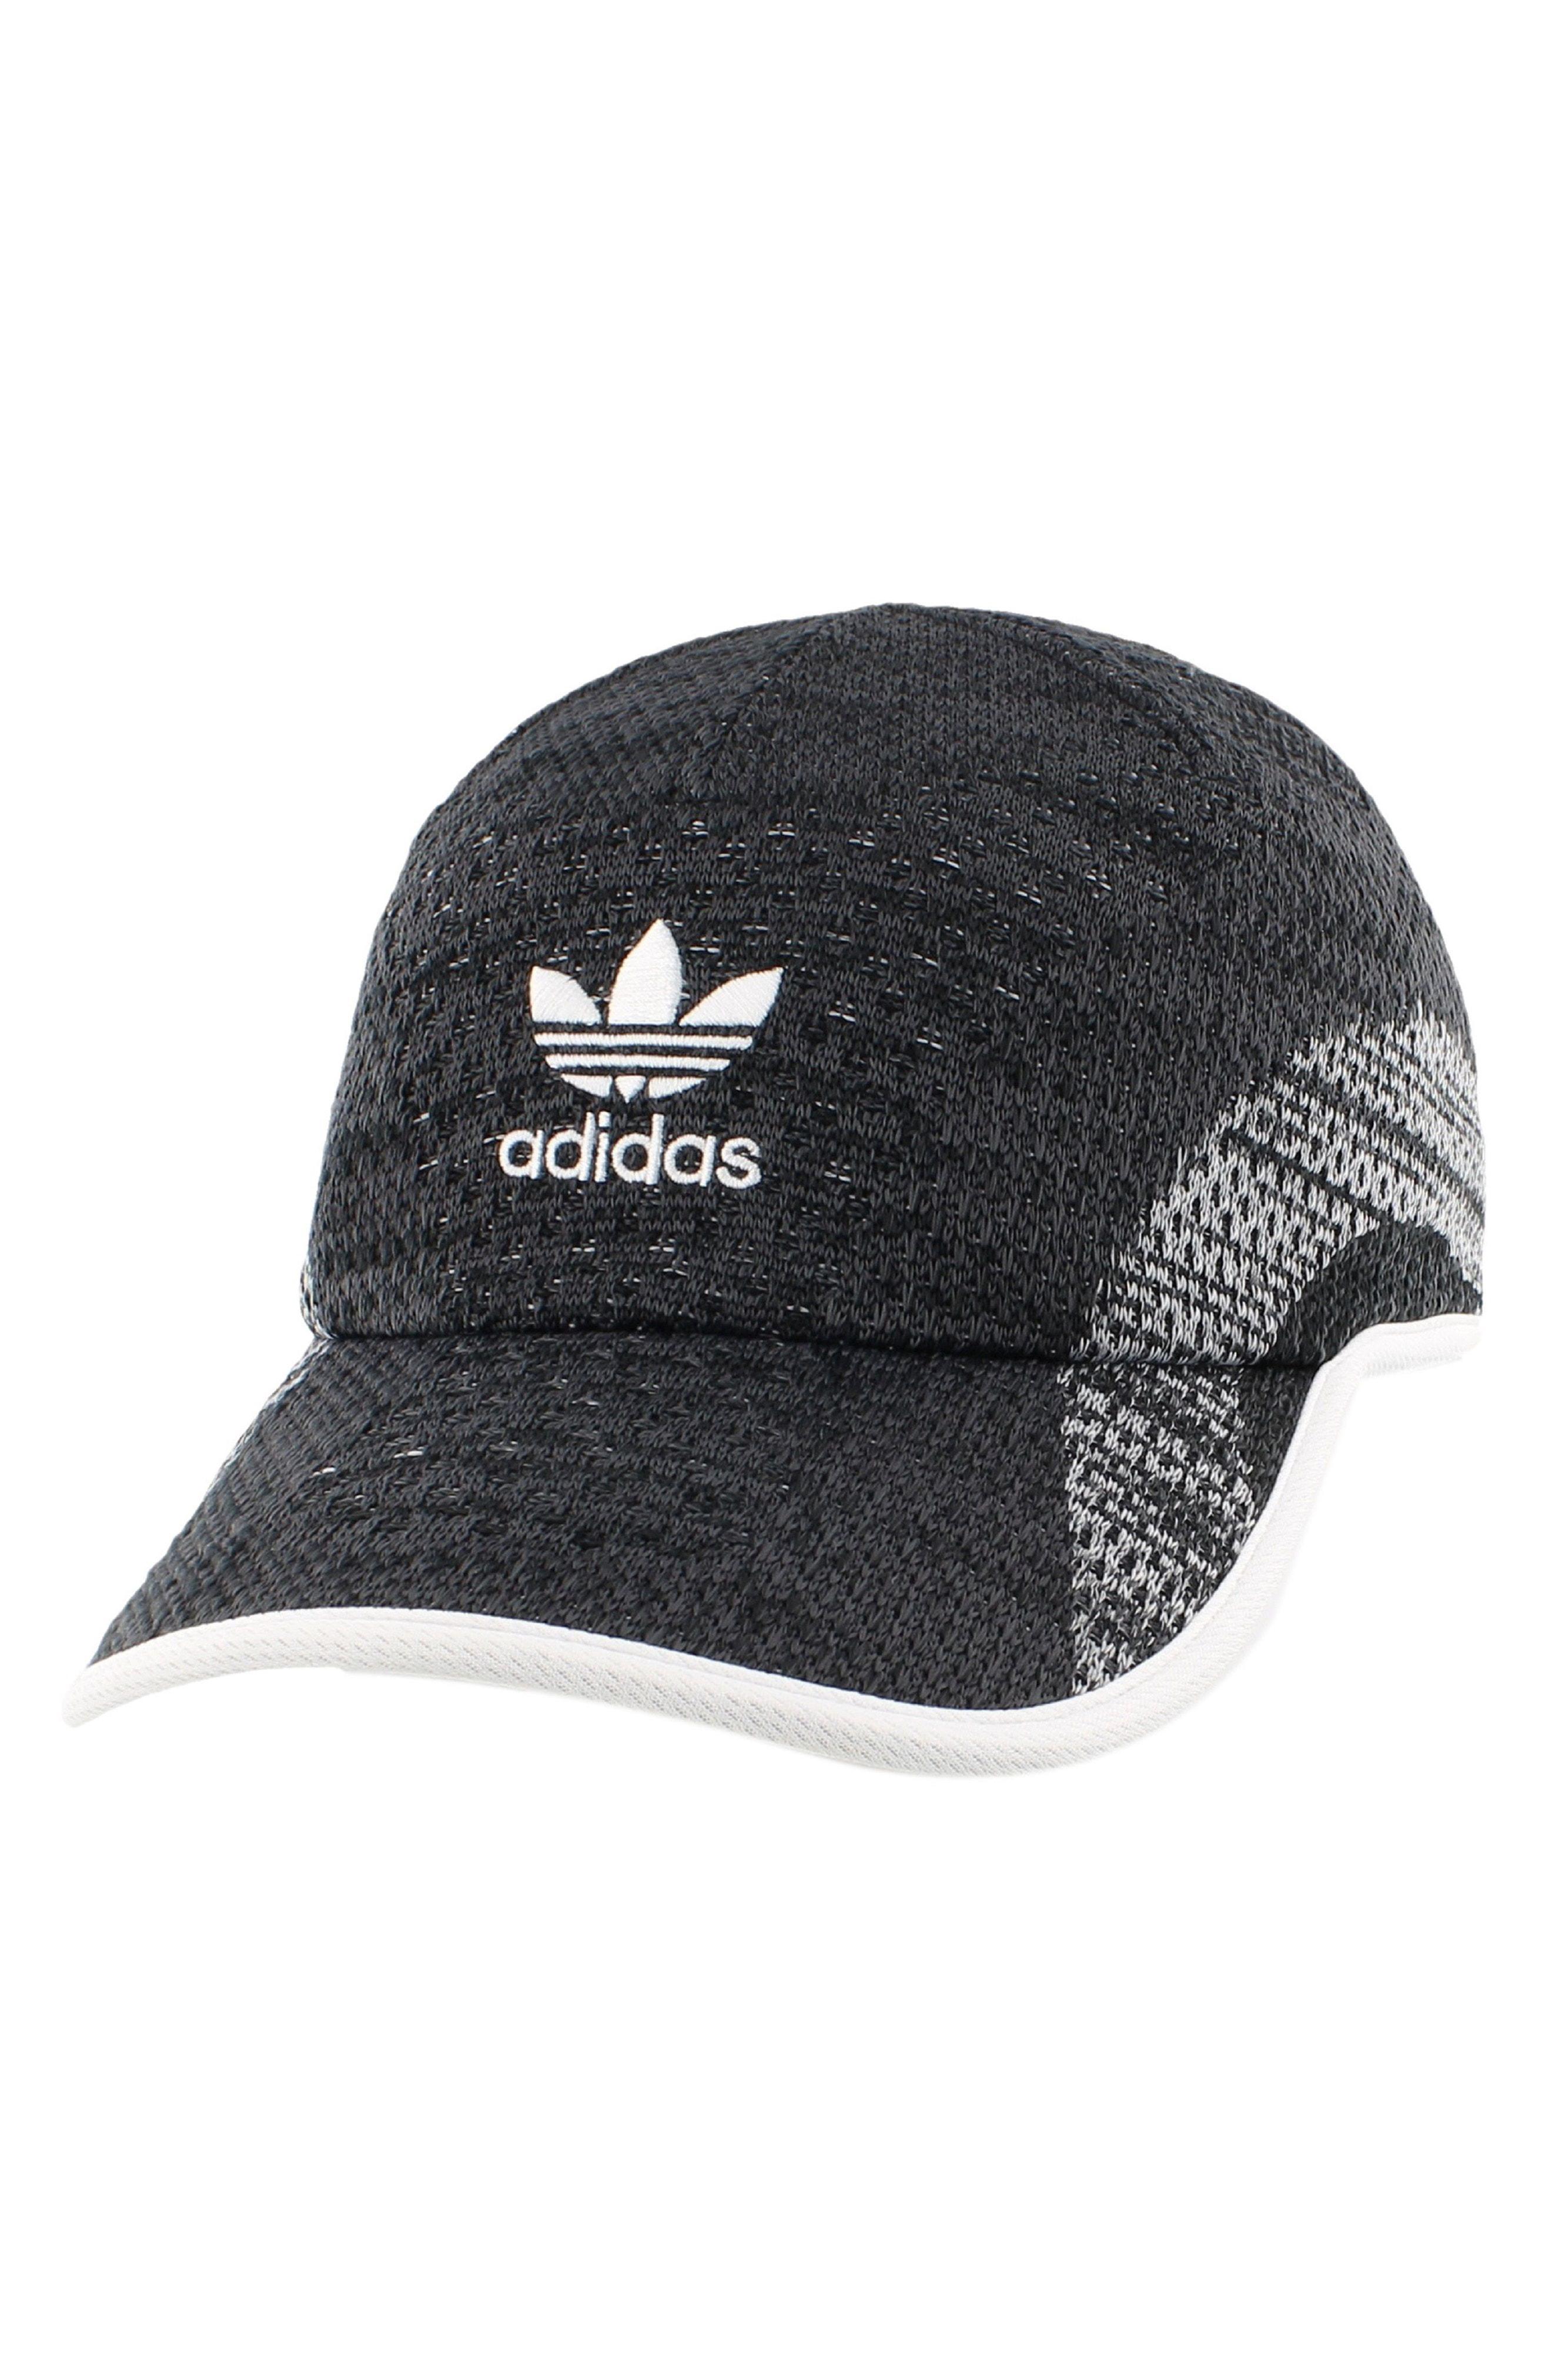 3a99942cac035 Lyst - adidas Originals Primeknit Ball Cap in Gray for Men